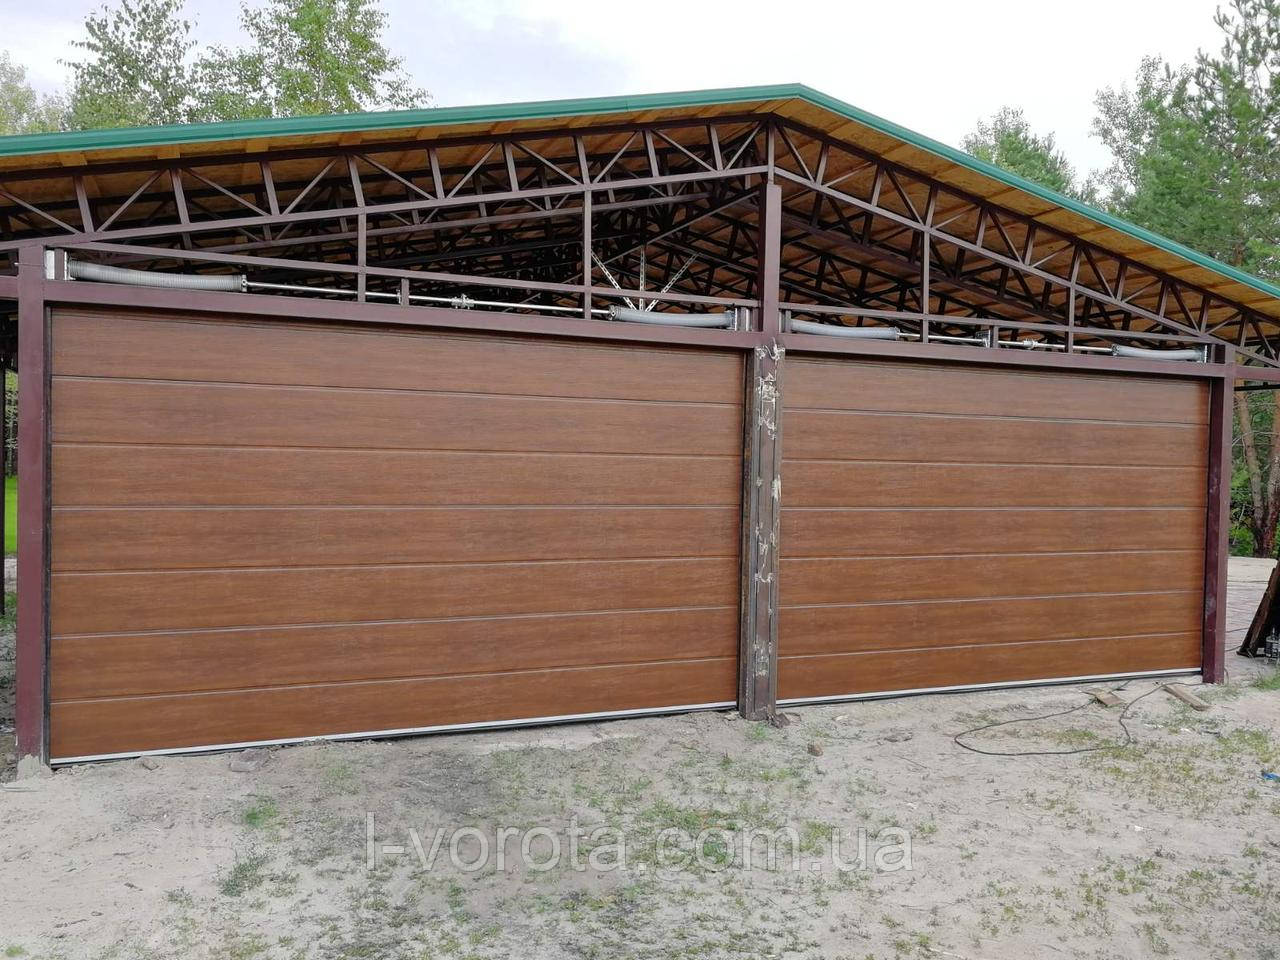 Секционные гаражные ворота DoorHan ш4000мм, в2300мм